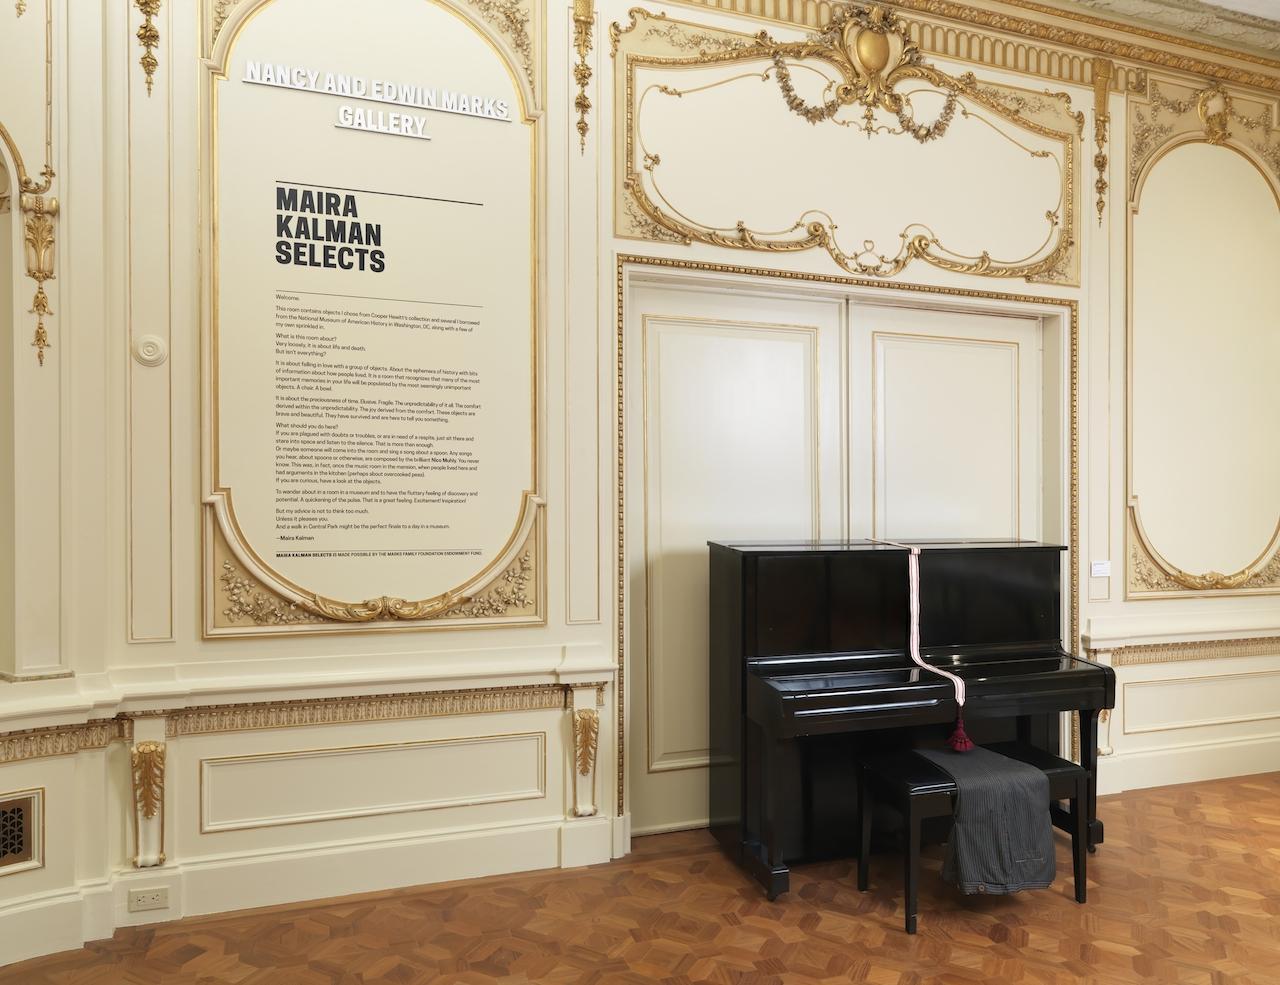 """nstallation view: """"Maira Kalman Selects."""" Photo: Matt Flynn © 2014 Cooper Hewitt, Smithsonian Design Museum"""